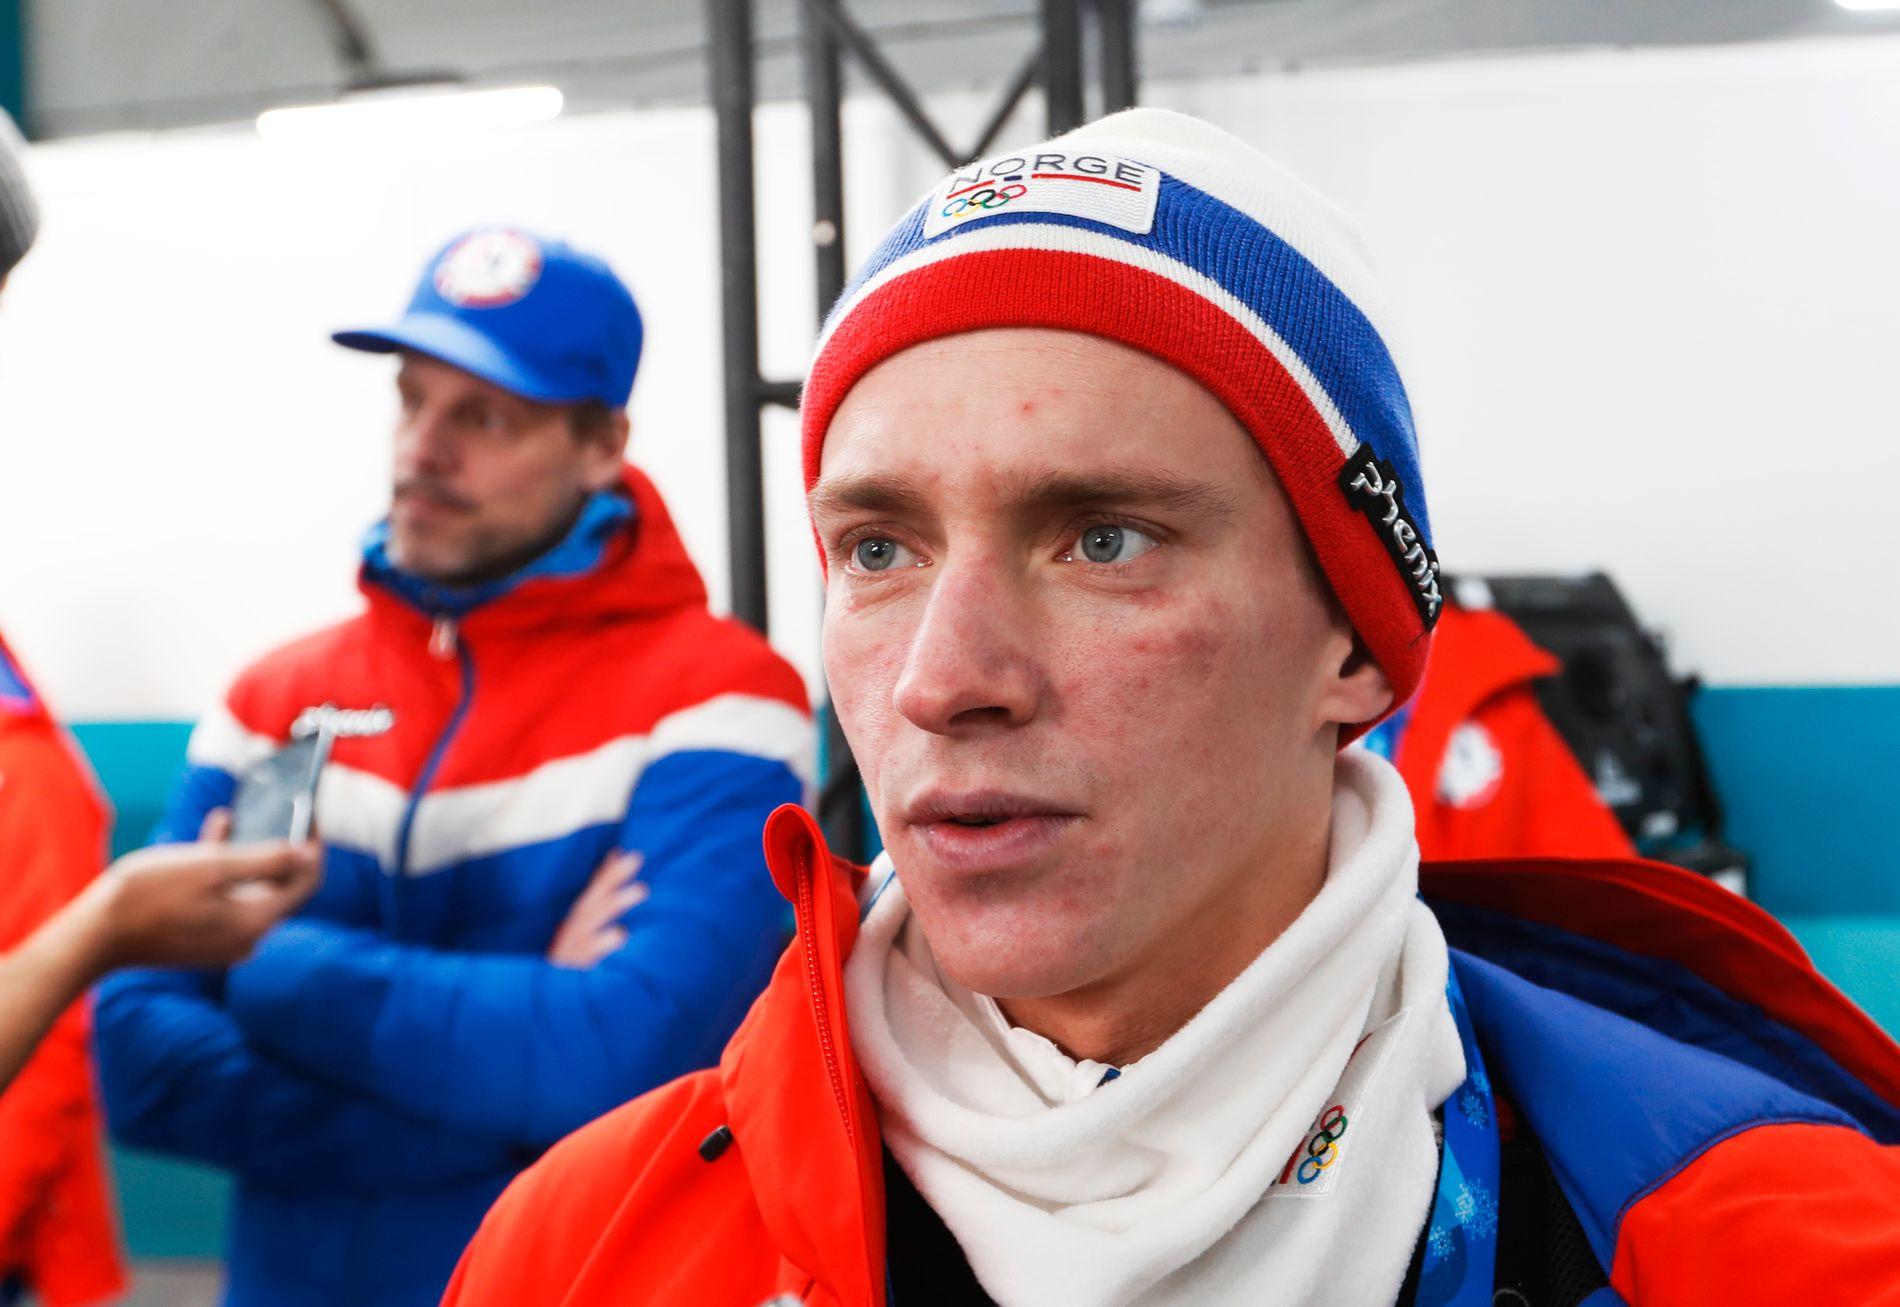 PÅ TRIBUNEN: Anders Fannemel hoppet dårligere enn Andreas Stjernen og kommer ikke på det norske laget i den første hoppkonkurransen i Pyeongchang.